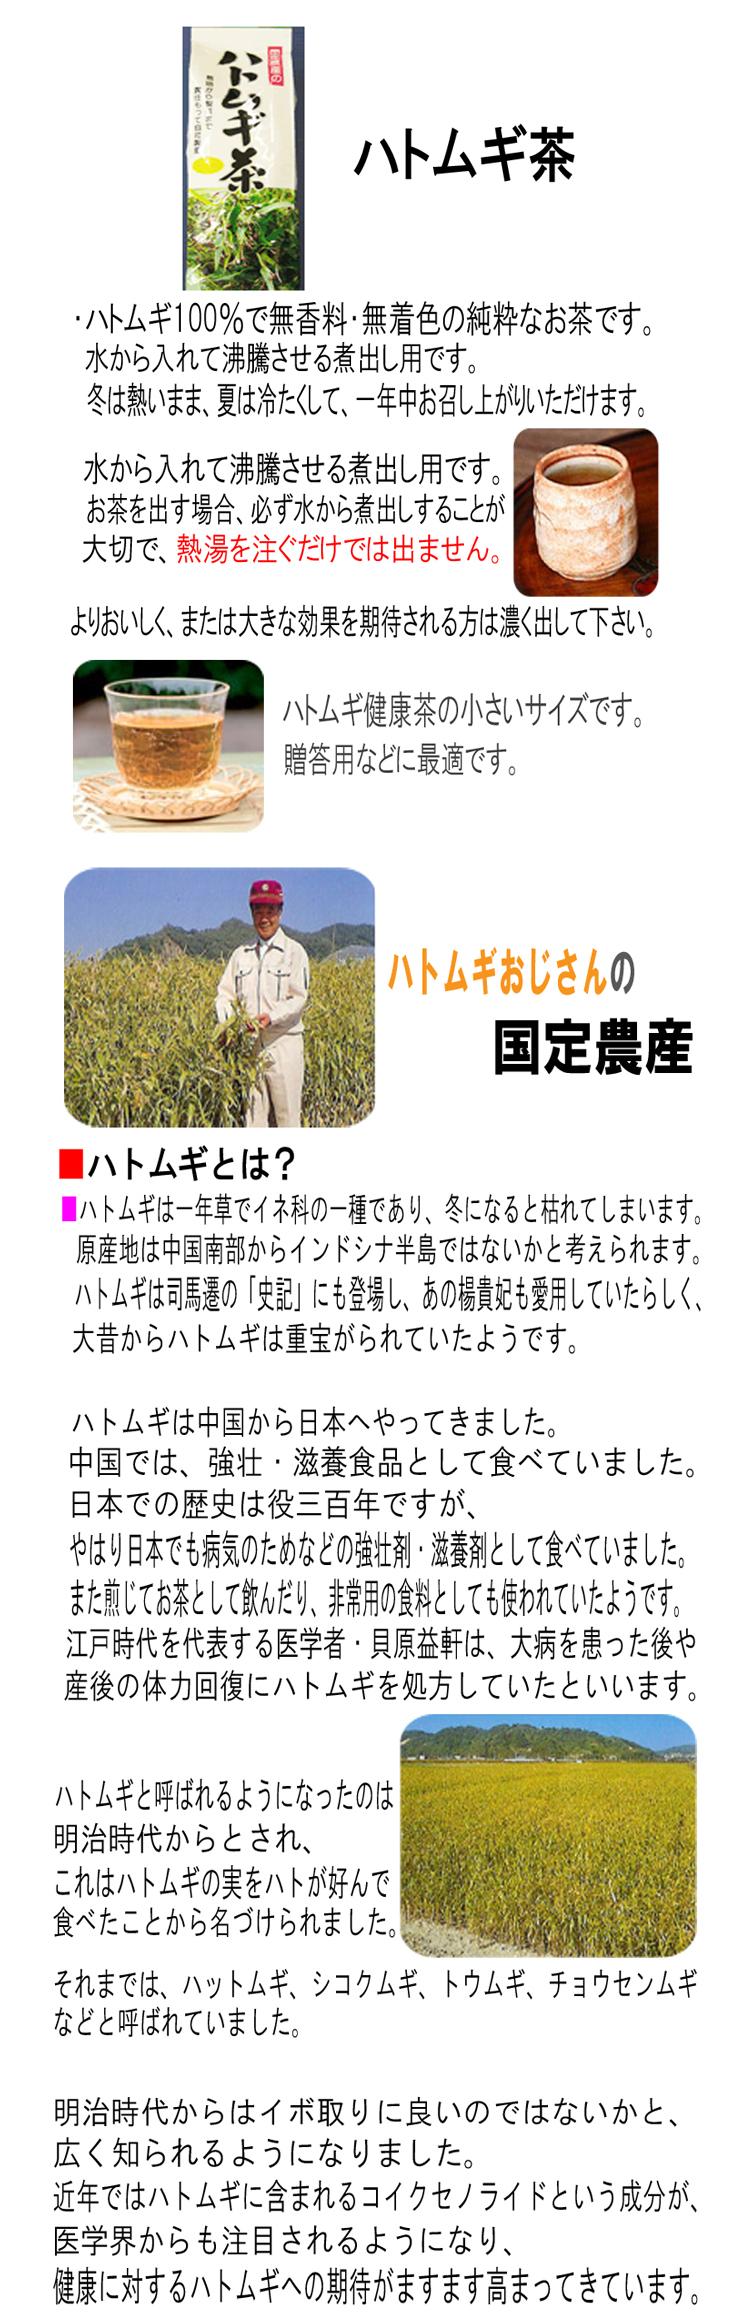 国定農産はと麦茶